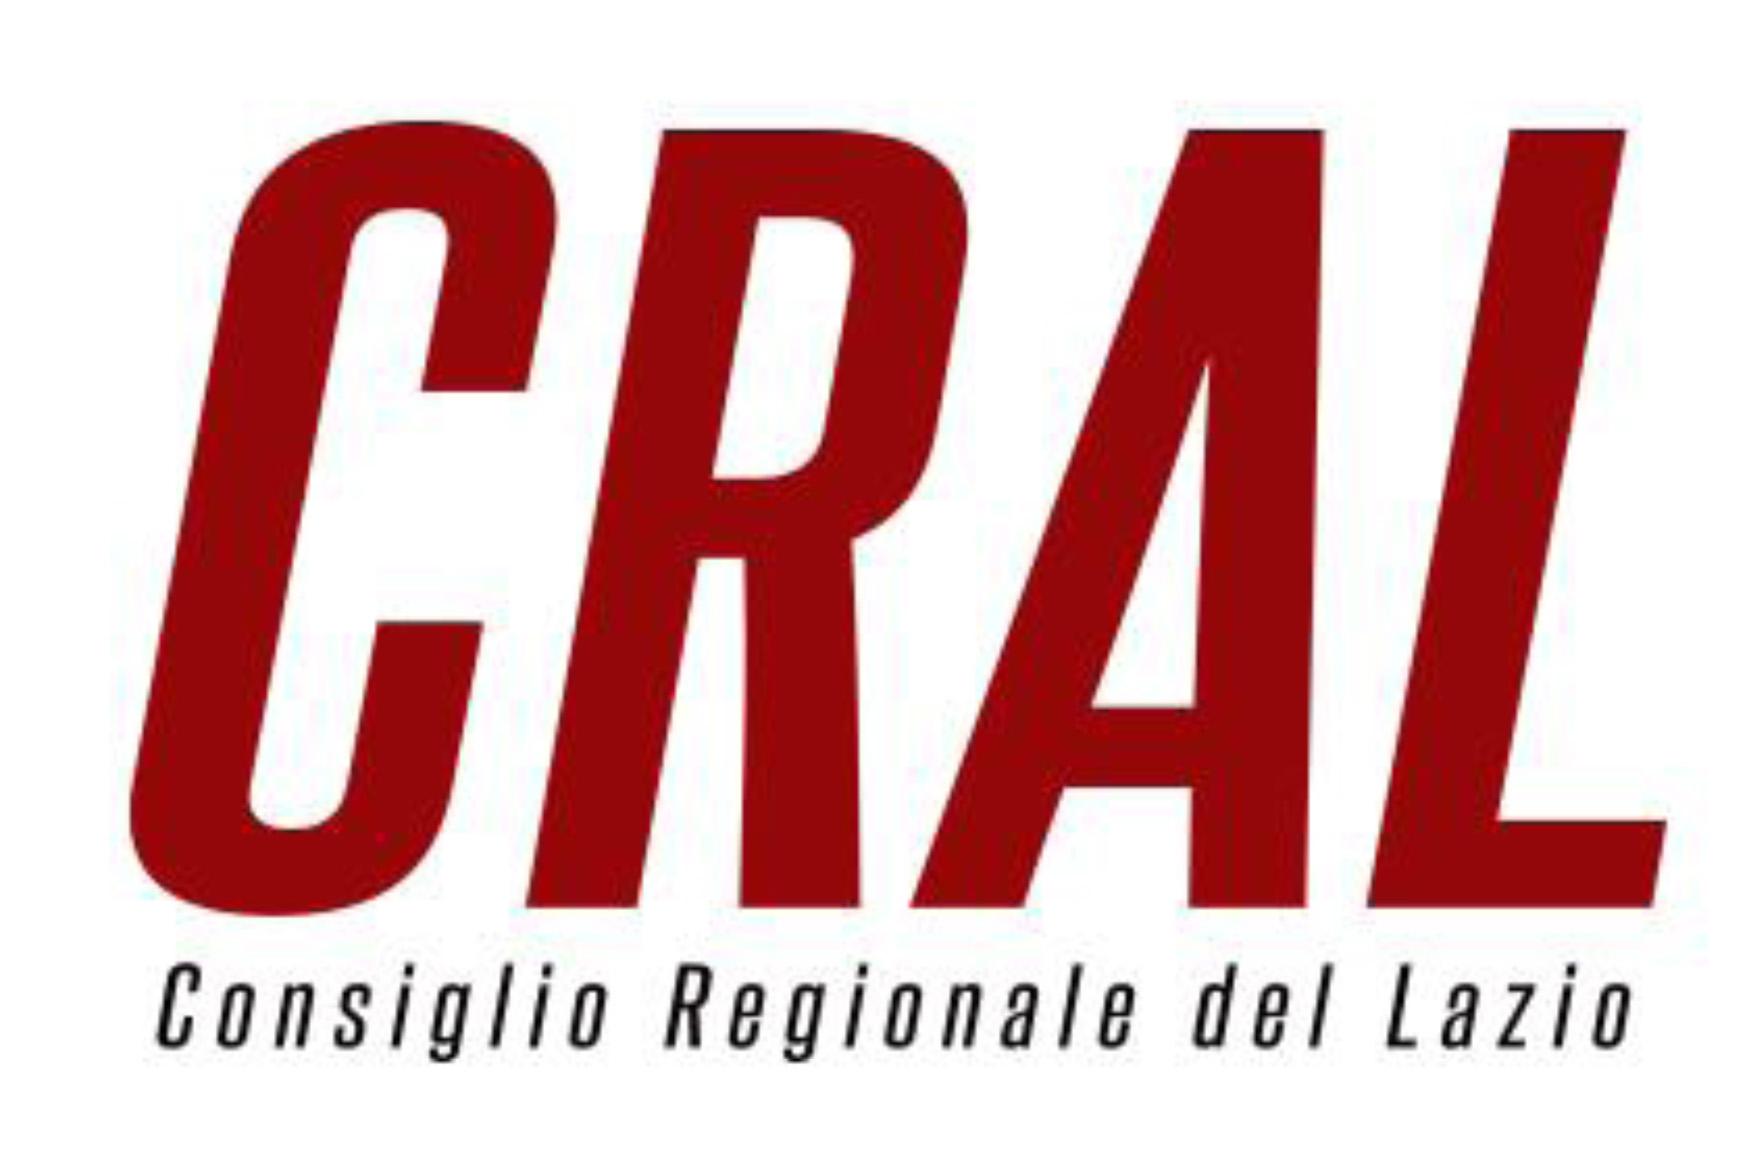 LOGO CRAL CRL